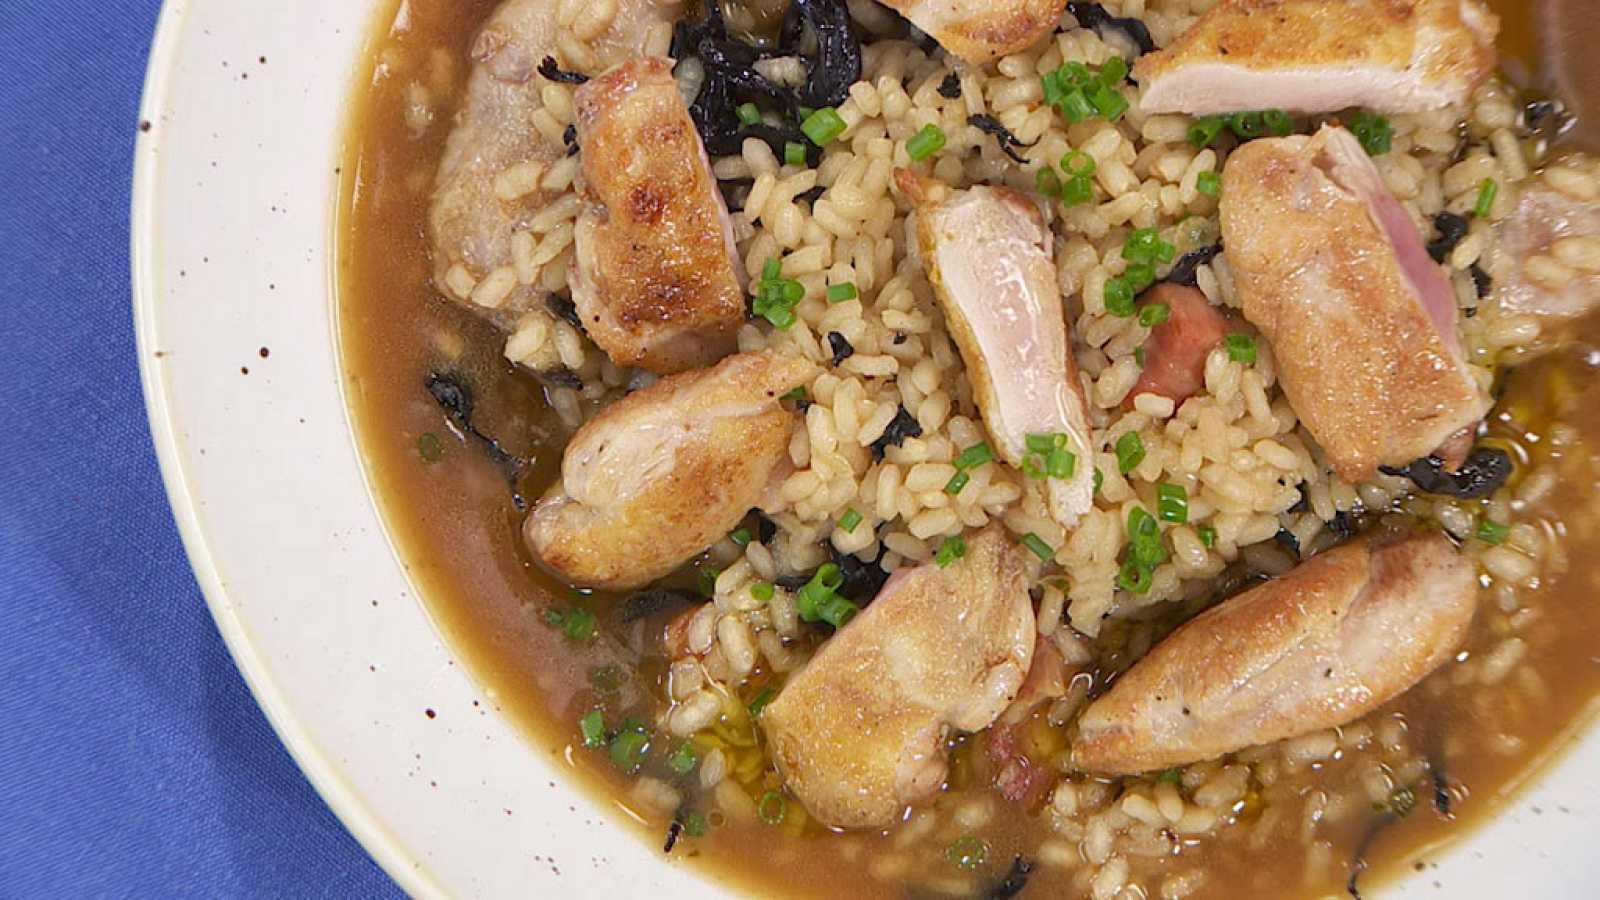 Arroz Caldoso Con Setas Y Pollo torres en la cocina - arroz caldoso con setas y codornices - rtve.es